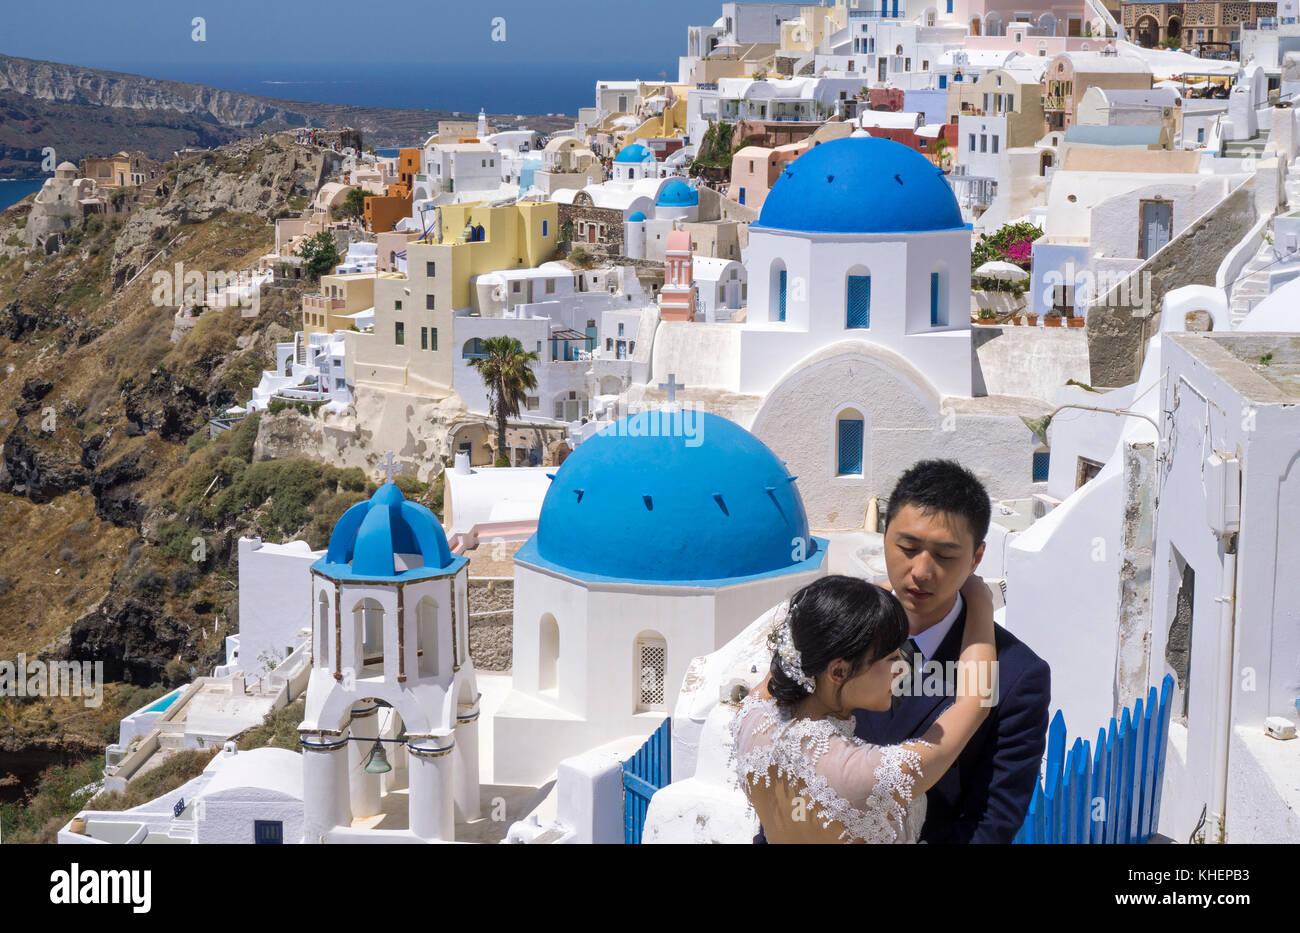 Brautpaar vor der orthodoxen Kirche im Dorf Oia, Santorin Insel, Kykladen, Ägäis, Griechenland Stockbild